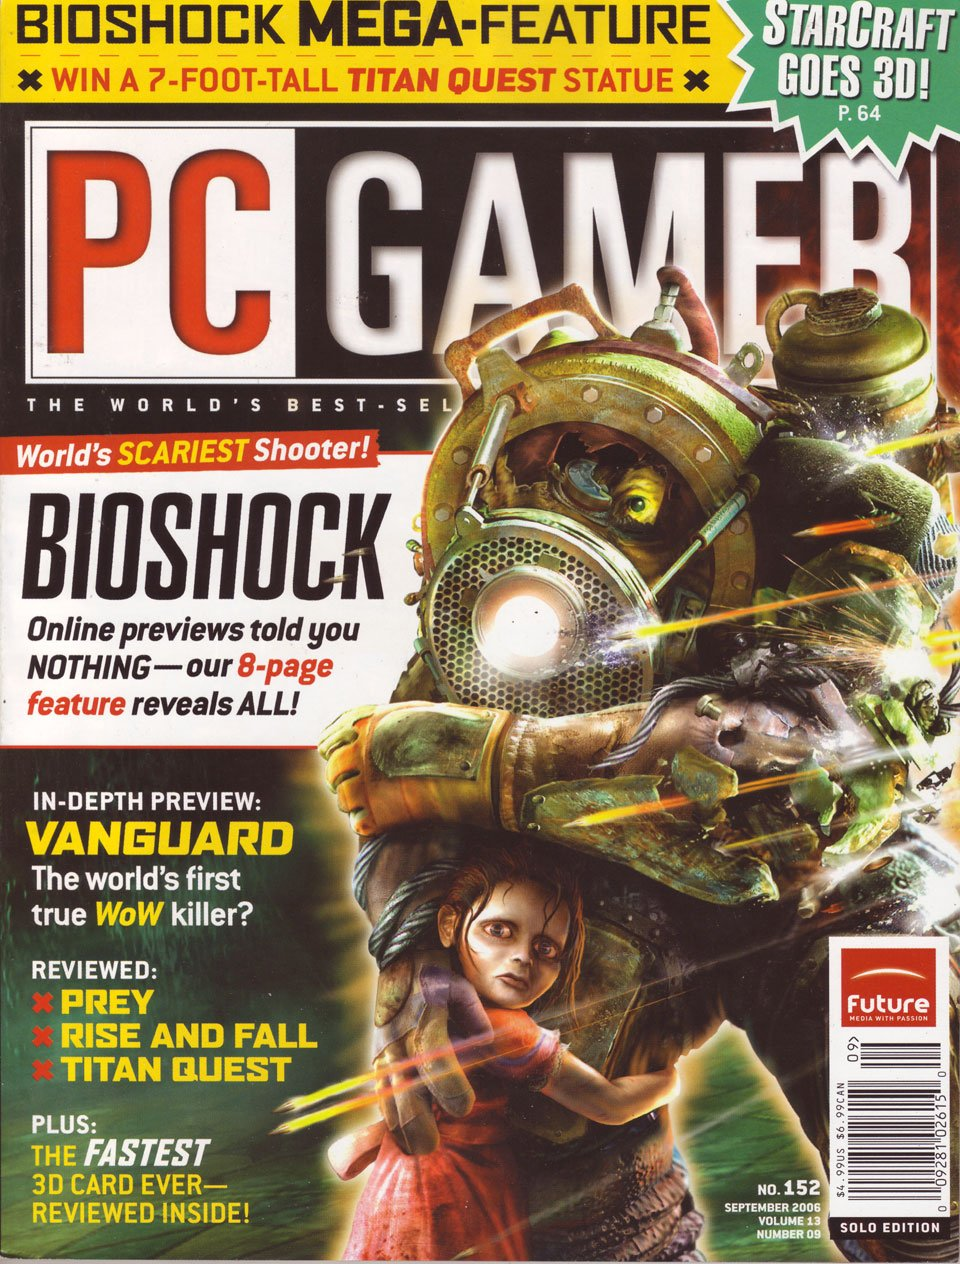 PC Gamer Issue 152 September 2006